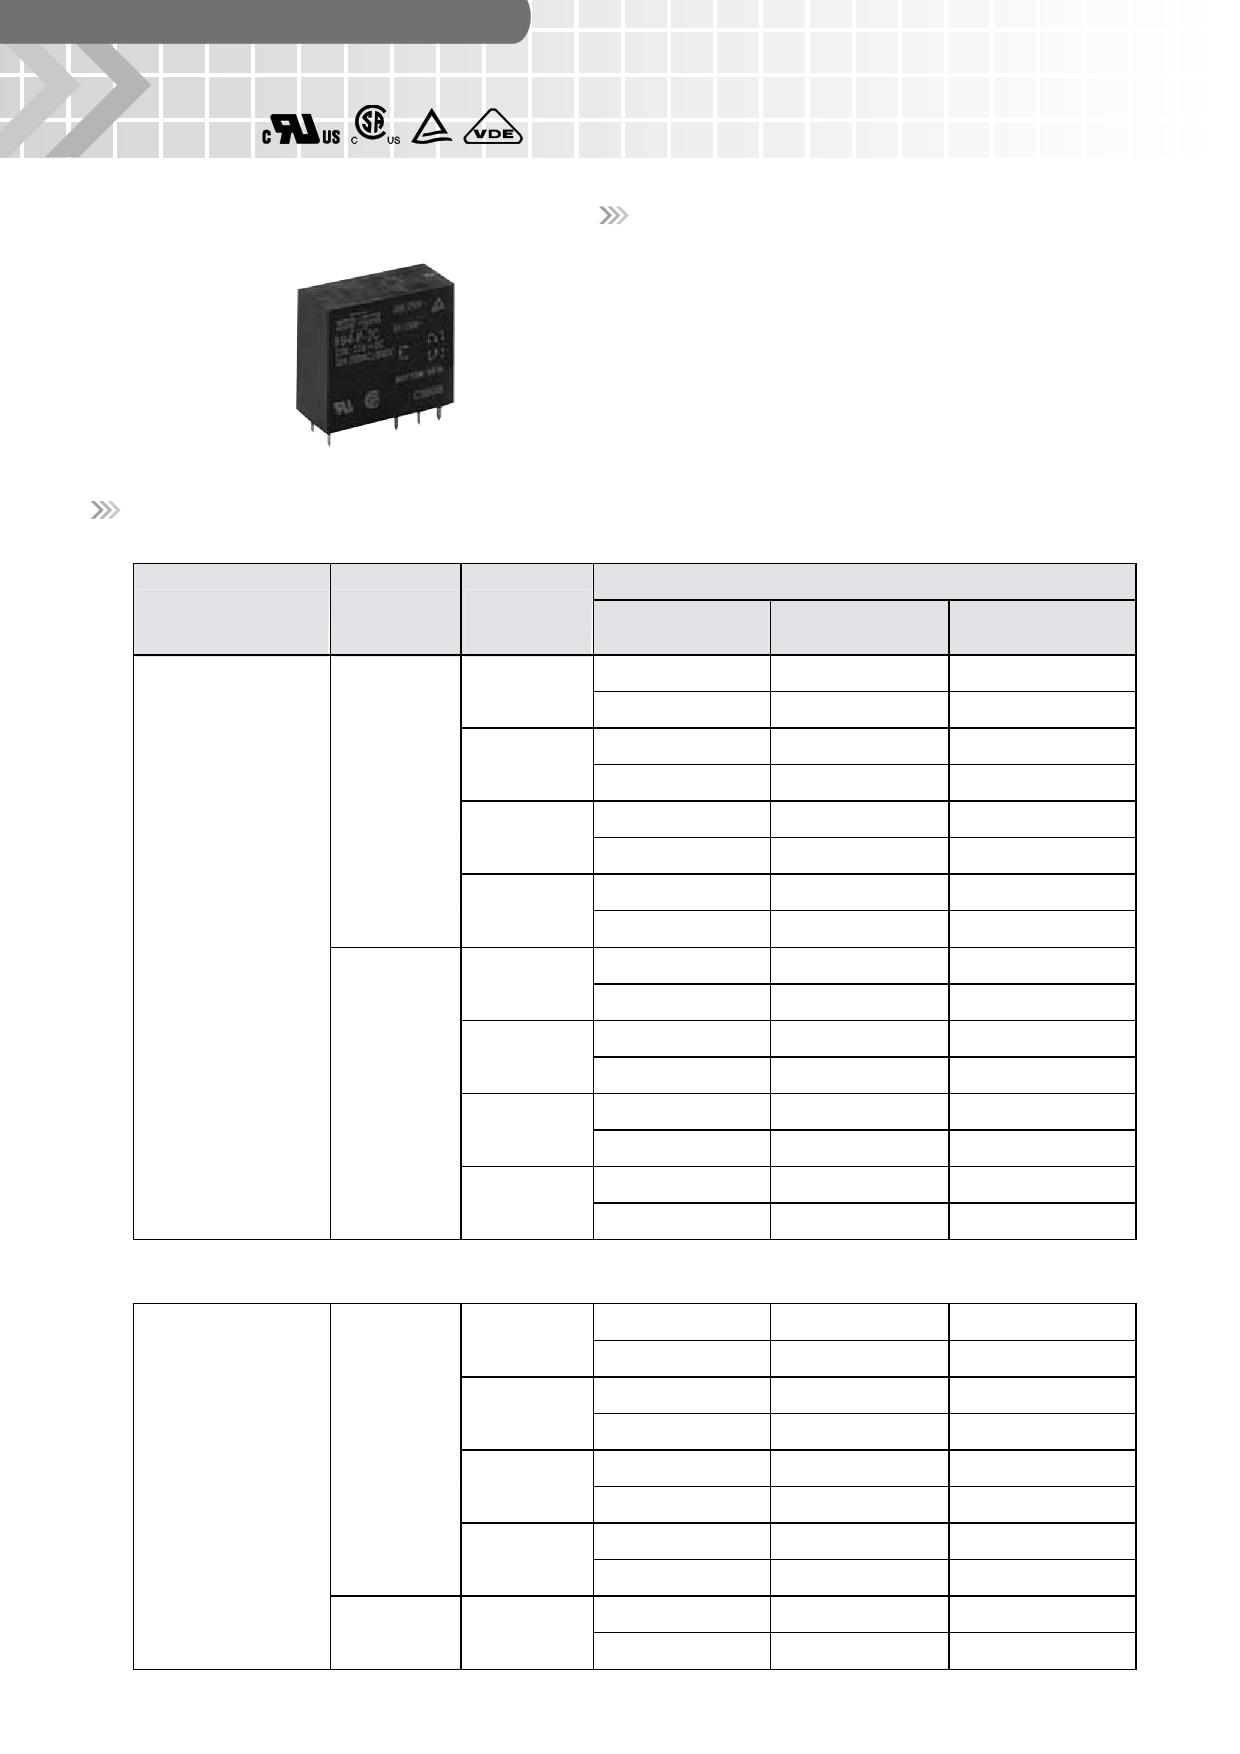 894-2AC2-F-V Datasheet, 894-2AC2-F-V PDF,ピン配置, 機能